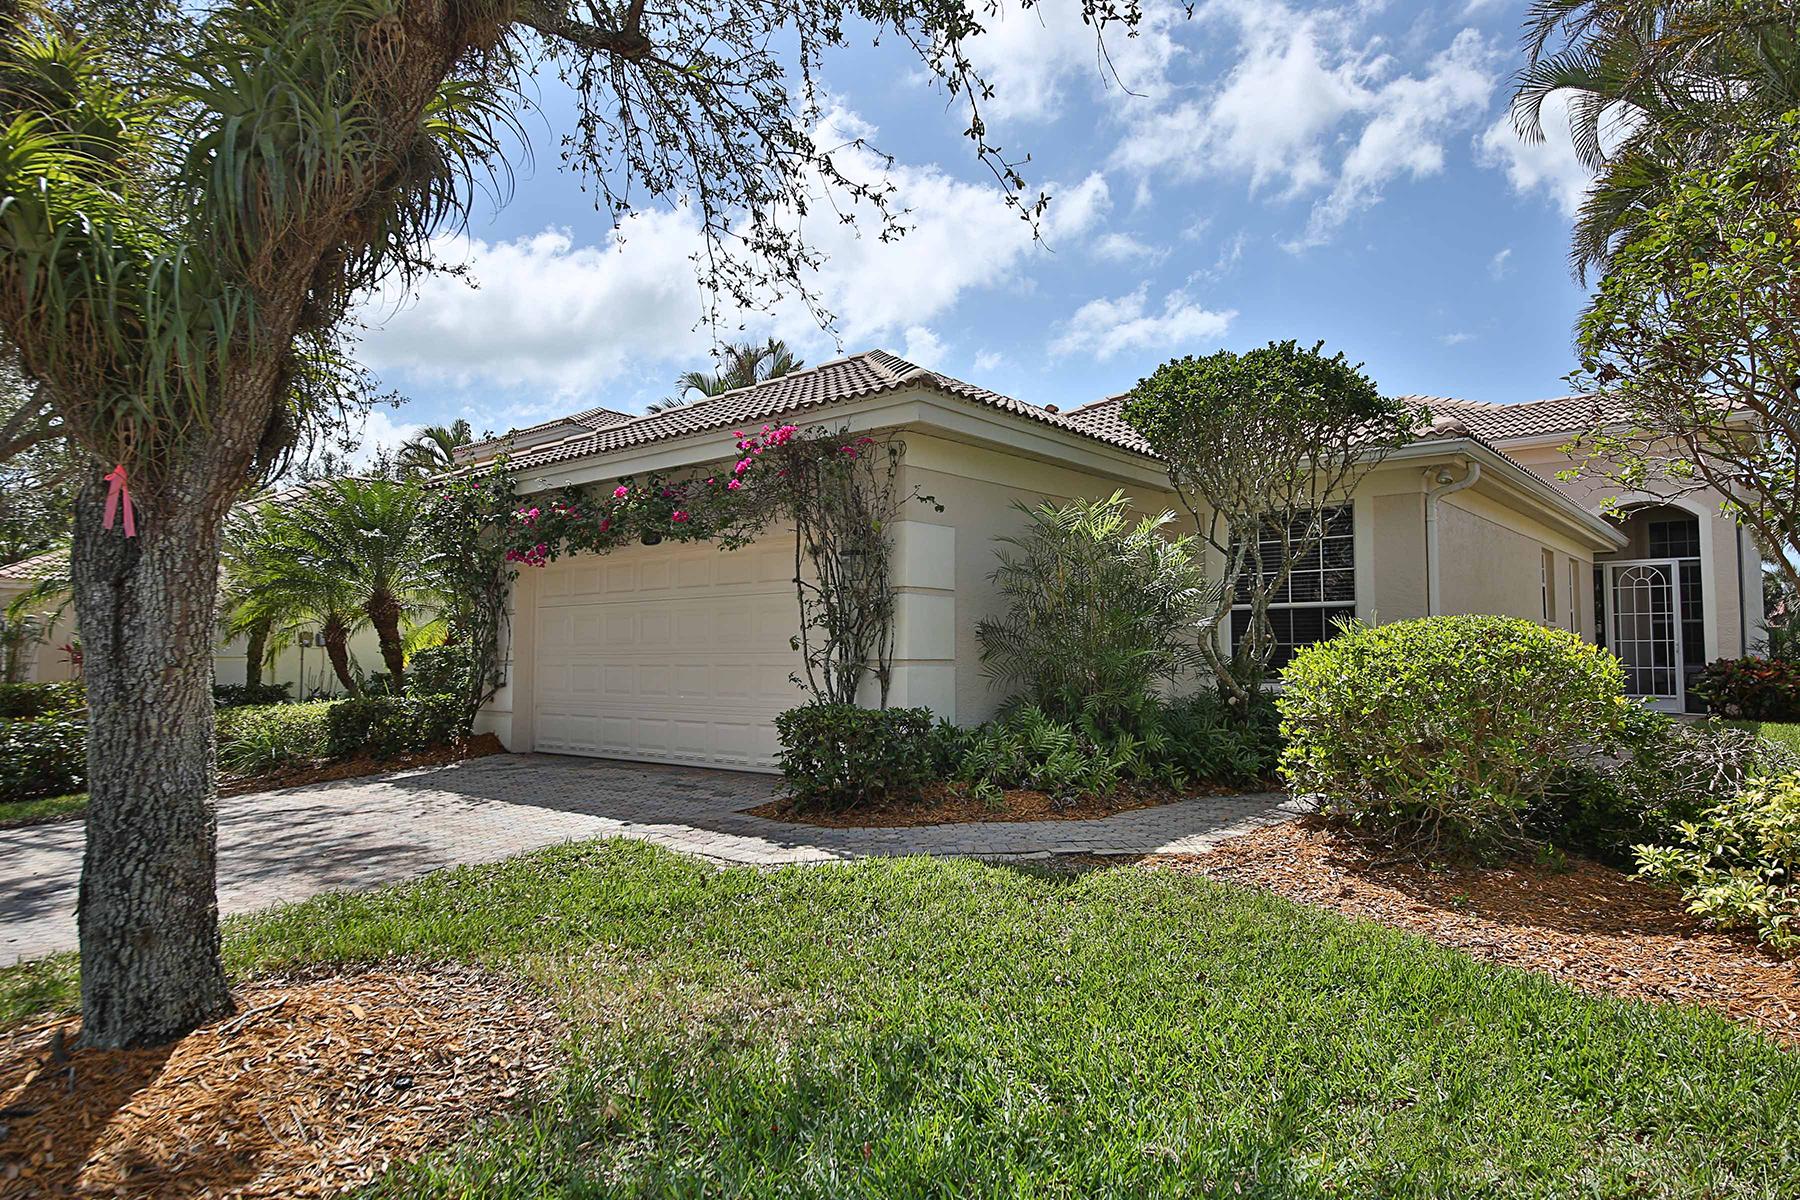 一戸建て のために 売買 アット FIDDLERS CREEK 8537 Pepper Tree Way, Naples, フロリダ, 34114 アメリカ合衆国